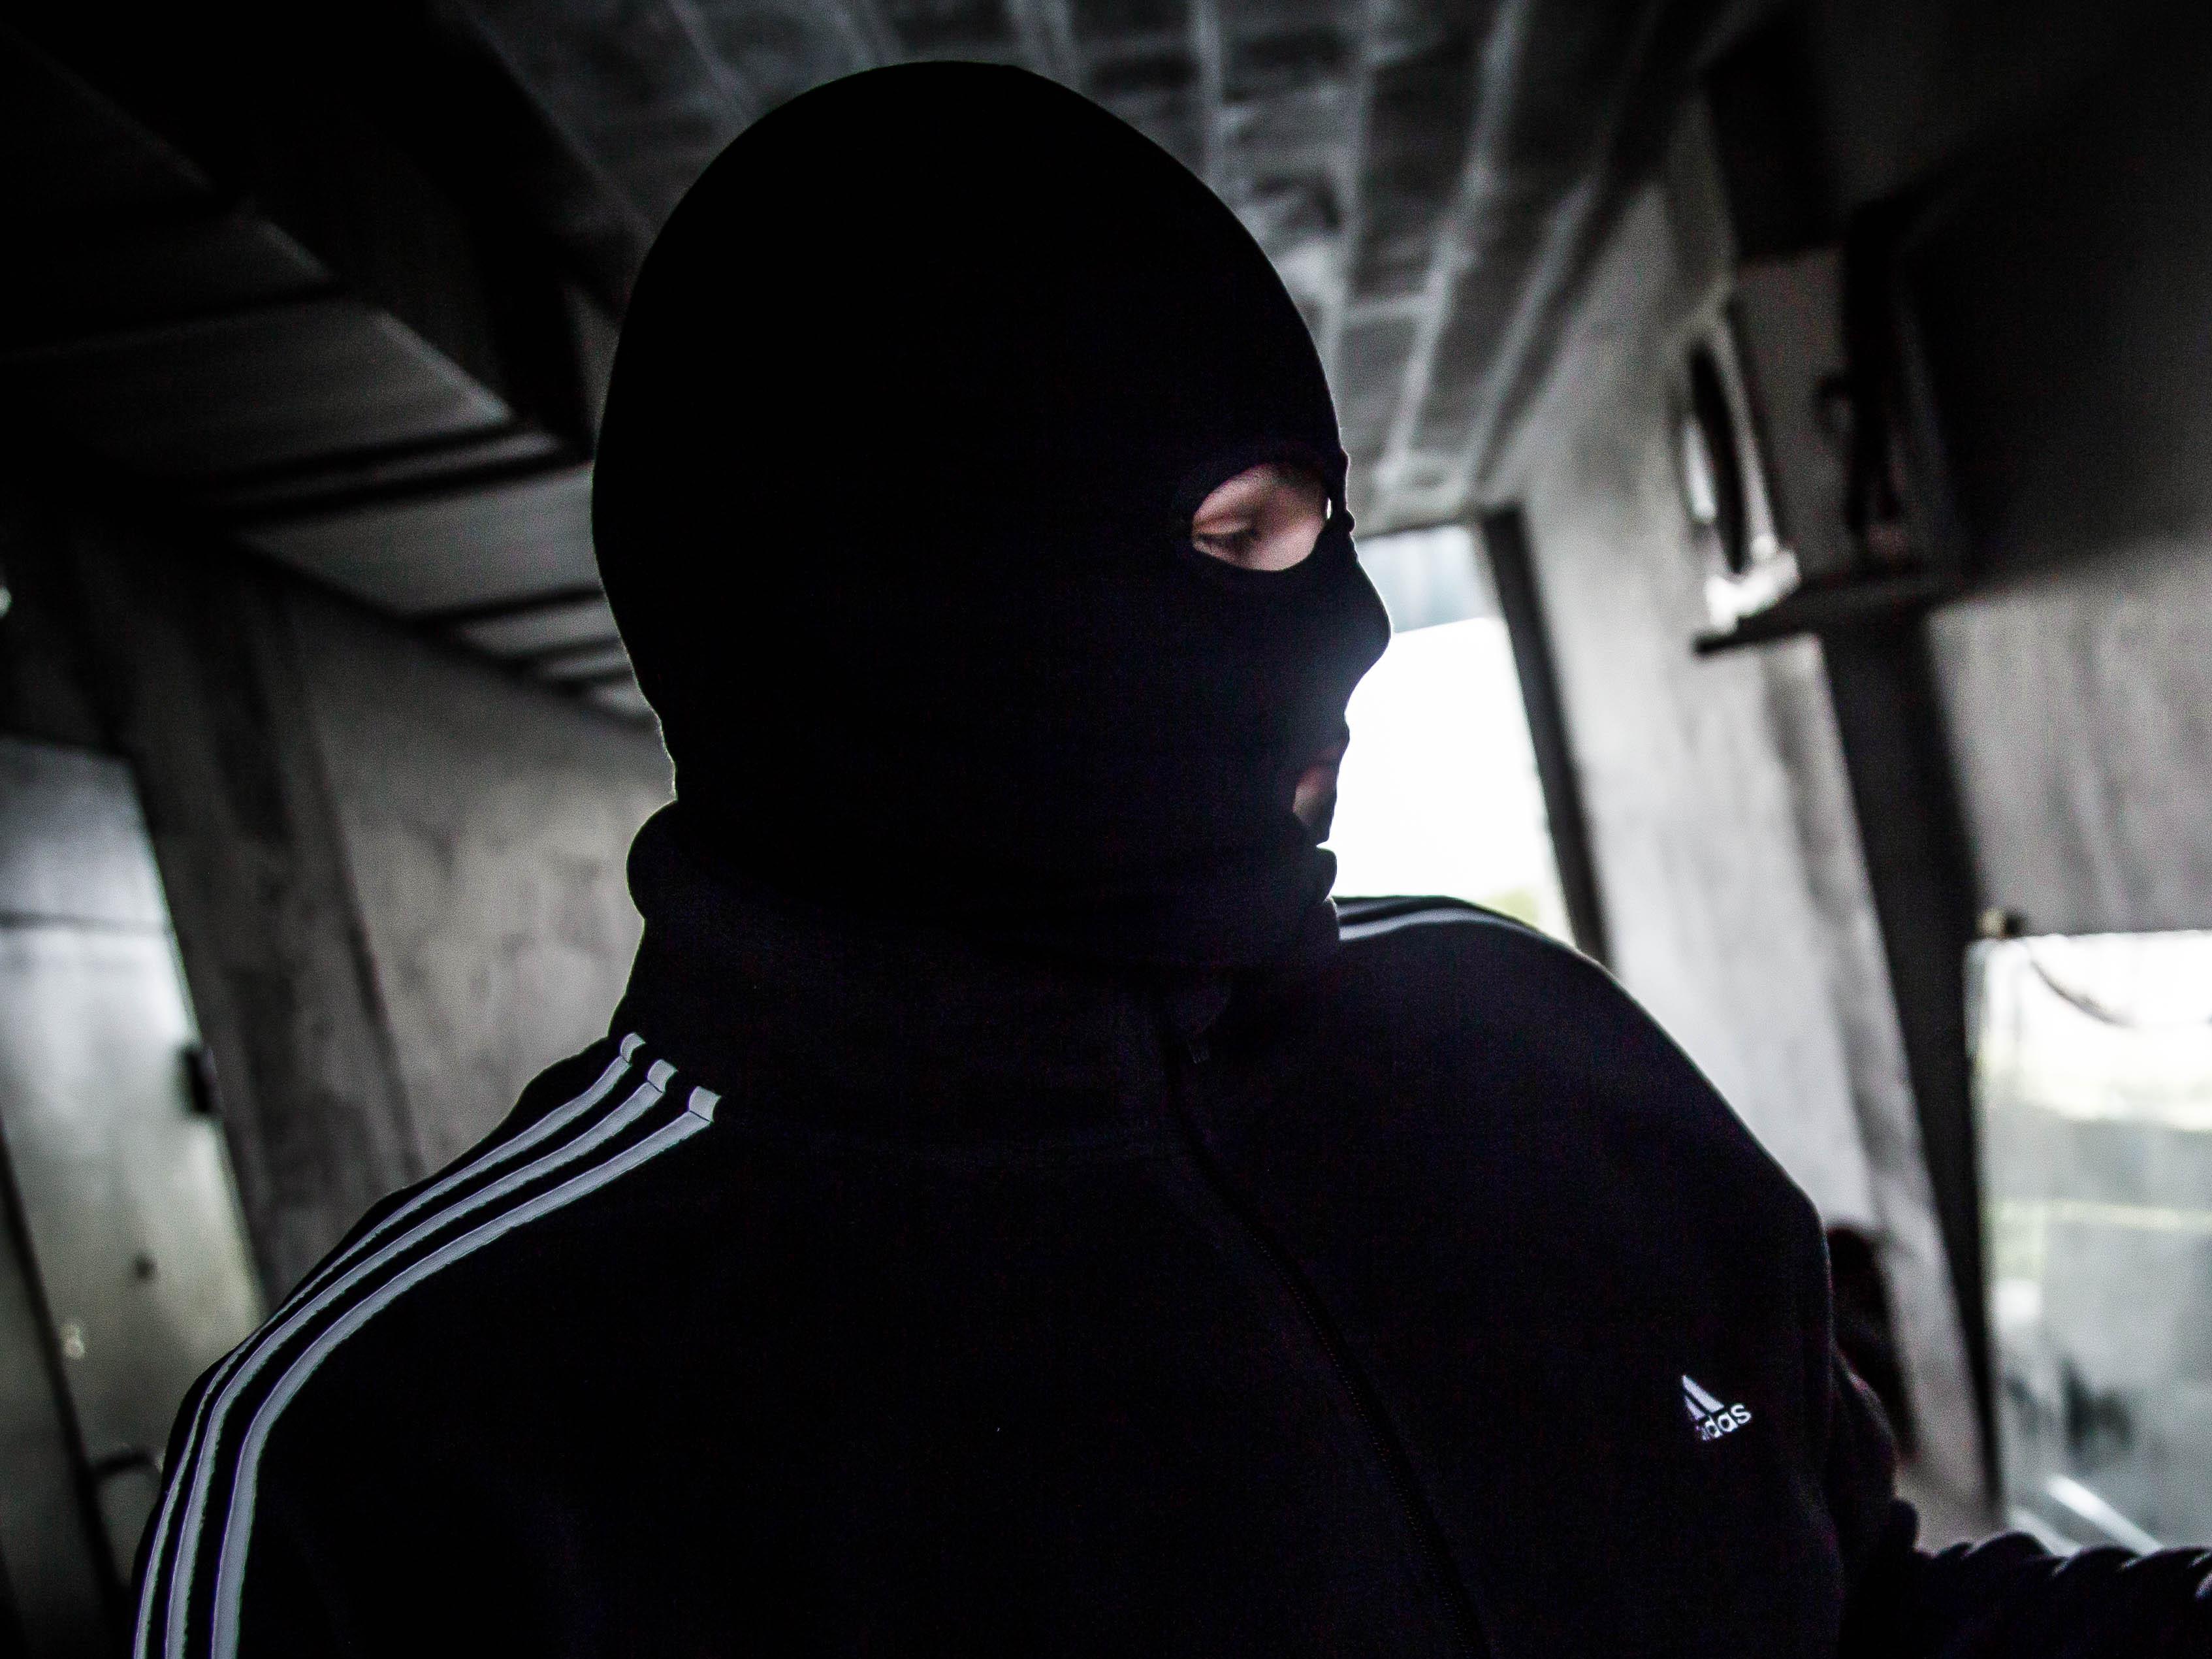 Семью связали и угрожали ружьем - подробности нападения на дом экс-ректора университета